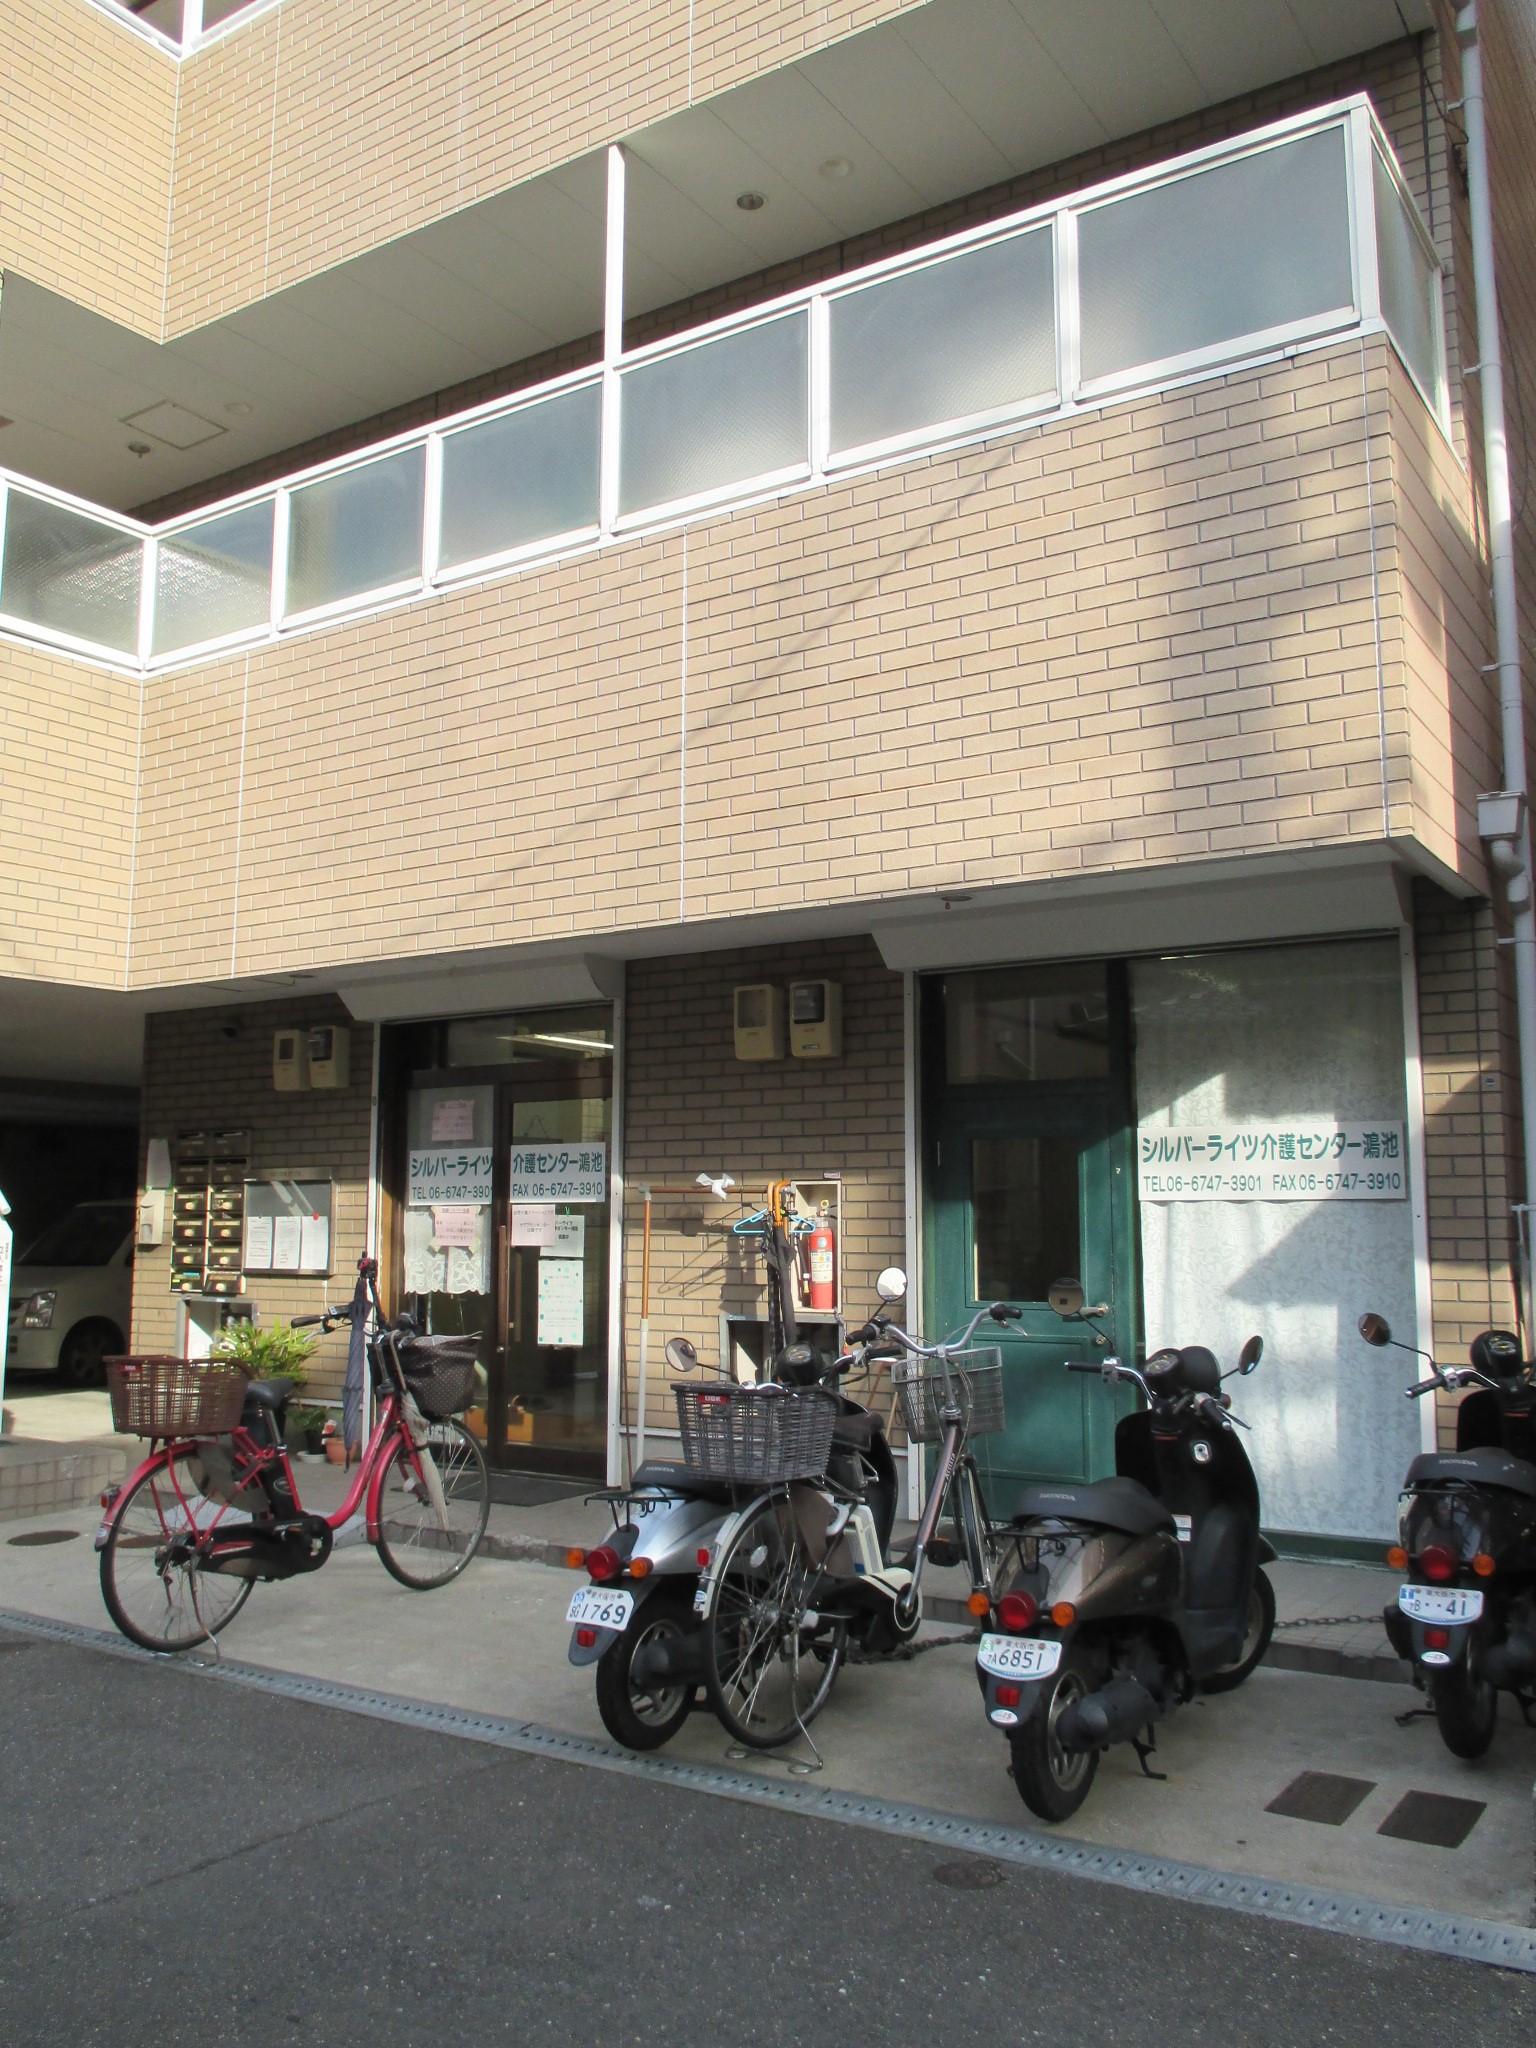 収益物件購入・売却、マンション・ビル管理|大阪・京都・神戸エリアならタワーリンクエステート